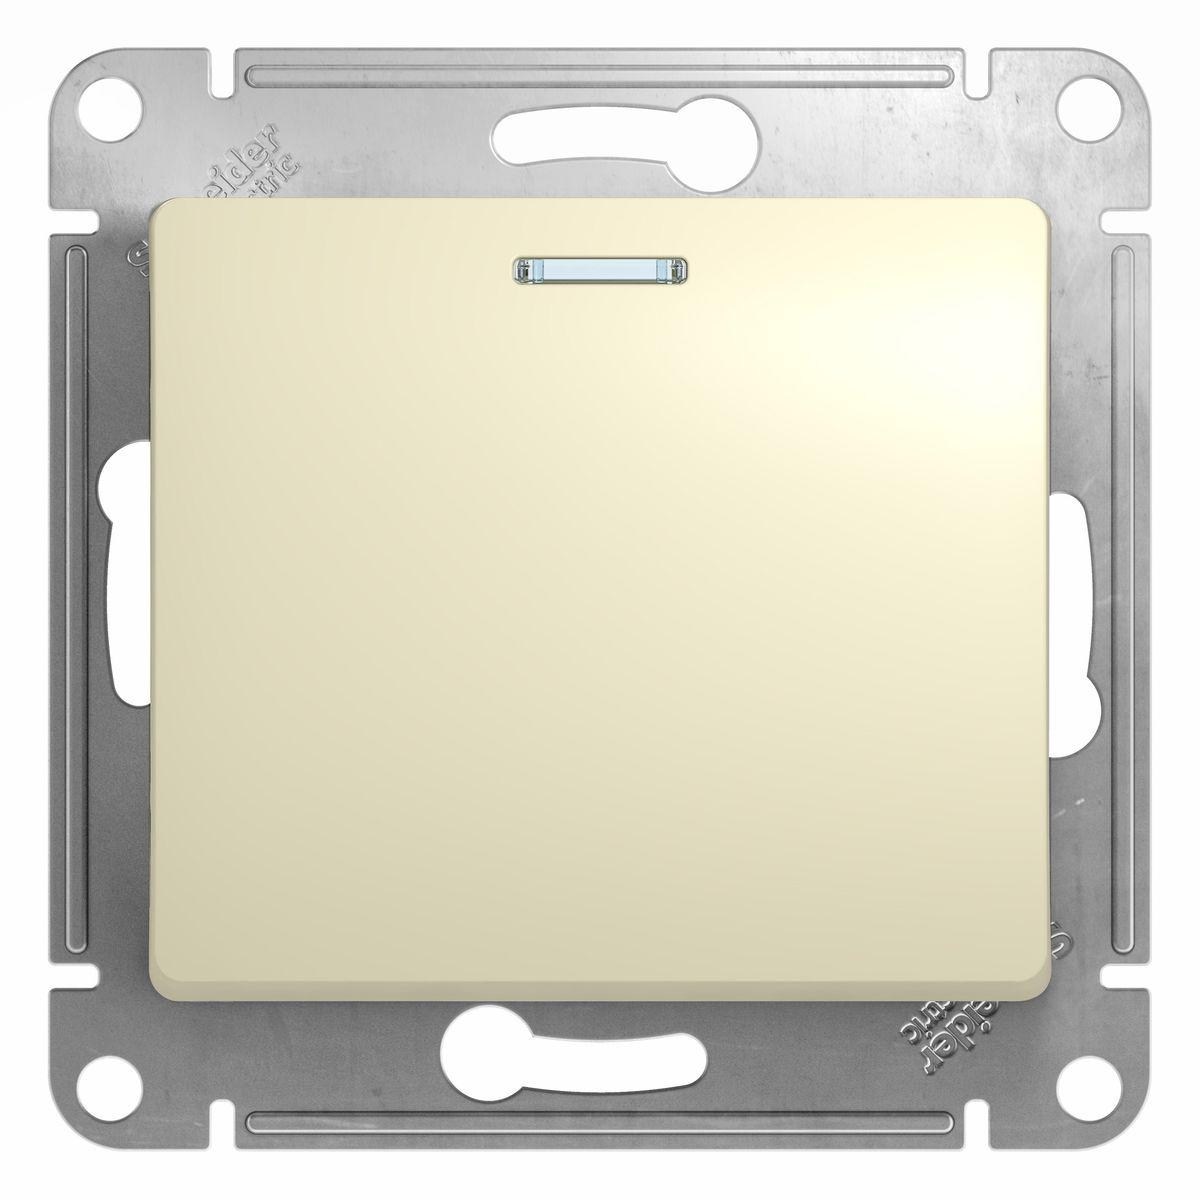 Выключатель Schneider Electric Glossa, с подсветкой, цвет: бежевыйGSL000213Одноклавишный выключатель Schneider Electric Glossa предназначен для скрытой установки и выполнен из прочного пластика и стали. Световой индикатор на клавише поможет вам разглядеть его даже в темноте. Выключатель имеет специальные фиксаторы, которые не дают ему смещаться как при монтаже, так и в процессе эксплуатации. Винтовые зажимы кабеля обеспечивают надежную установку к электросети с помощью отвертки. Такой выключатель станет удачным решением для дома и дачи.